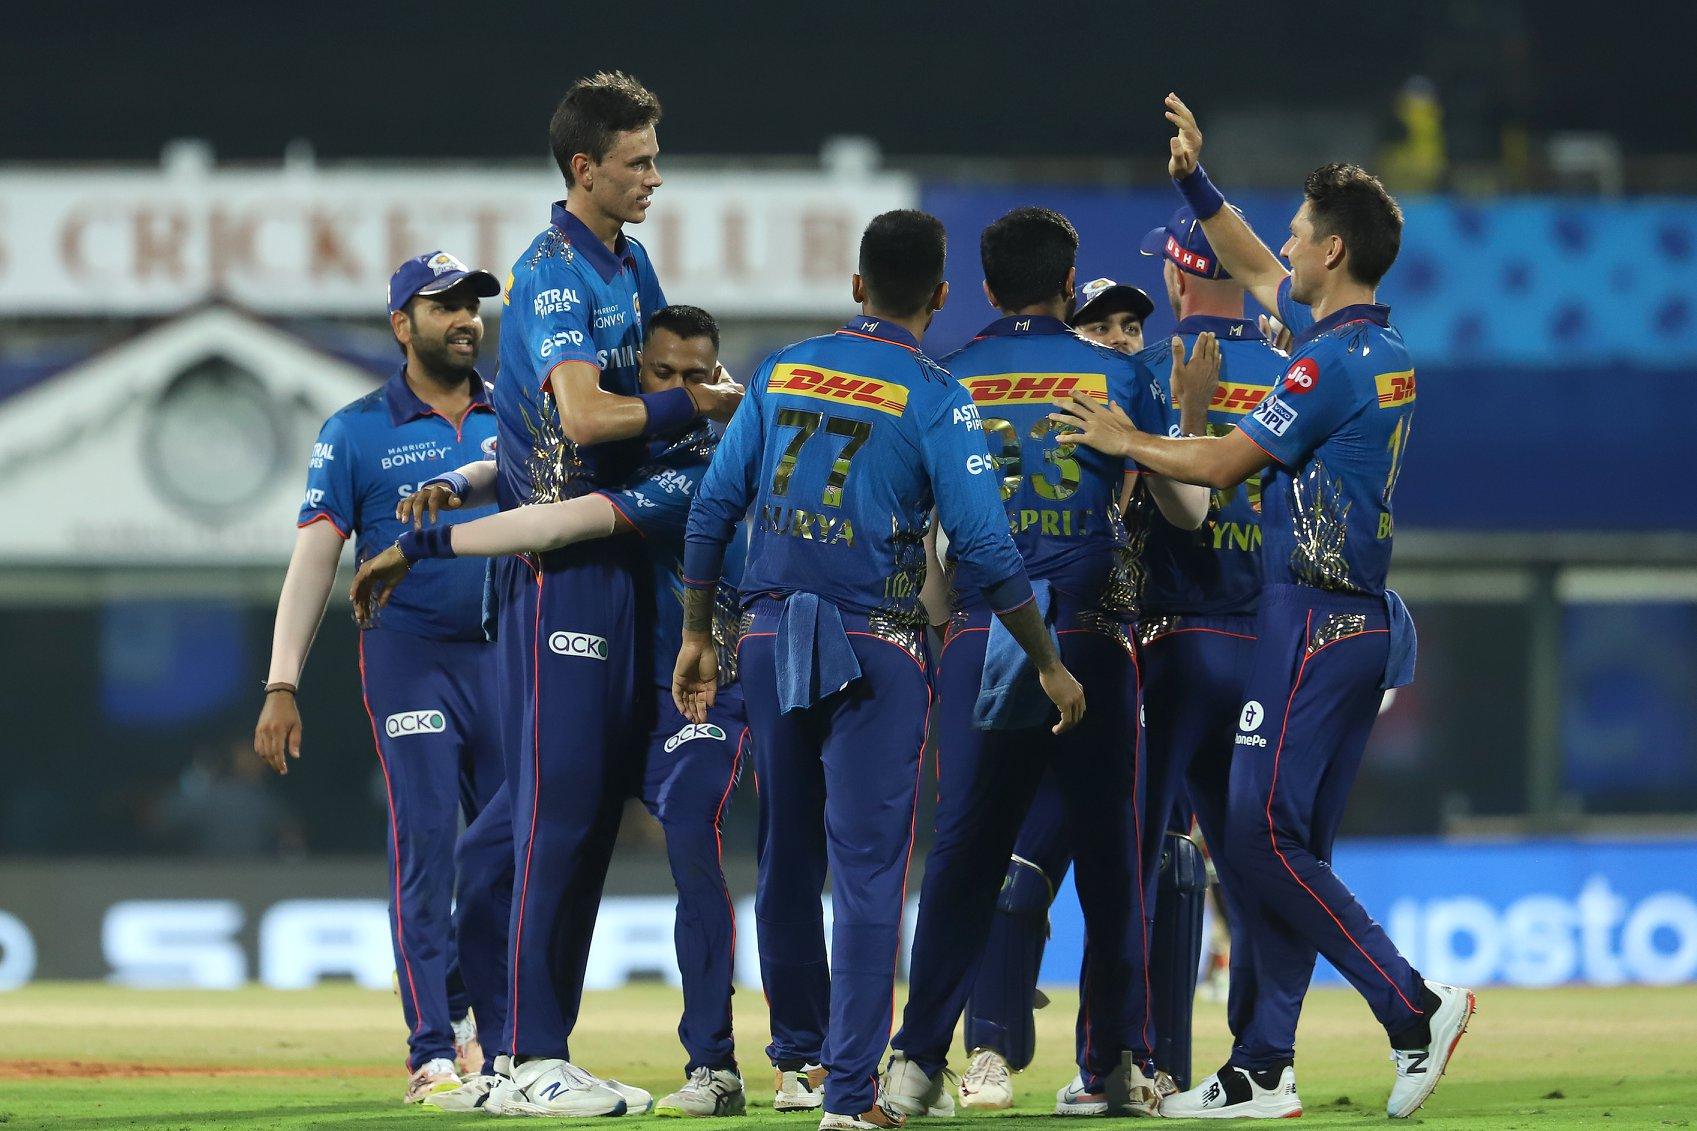 आईपीएलमा मुम्बईको दोस्रो जित, हैदराव १३ रनले पराजित